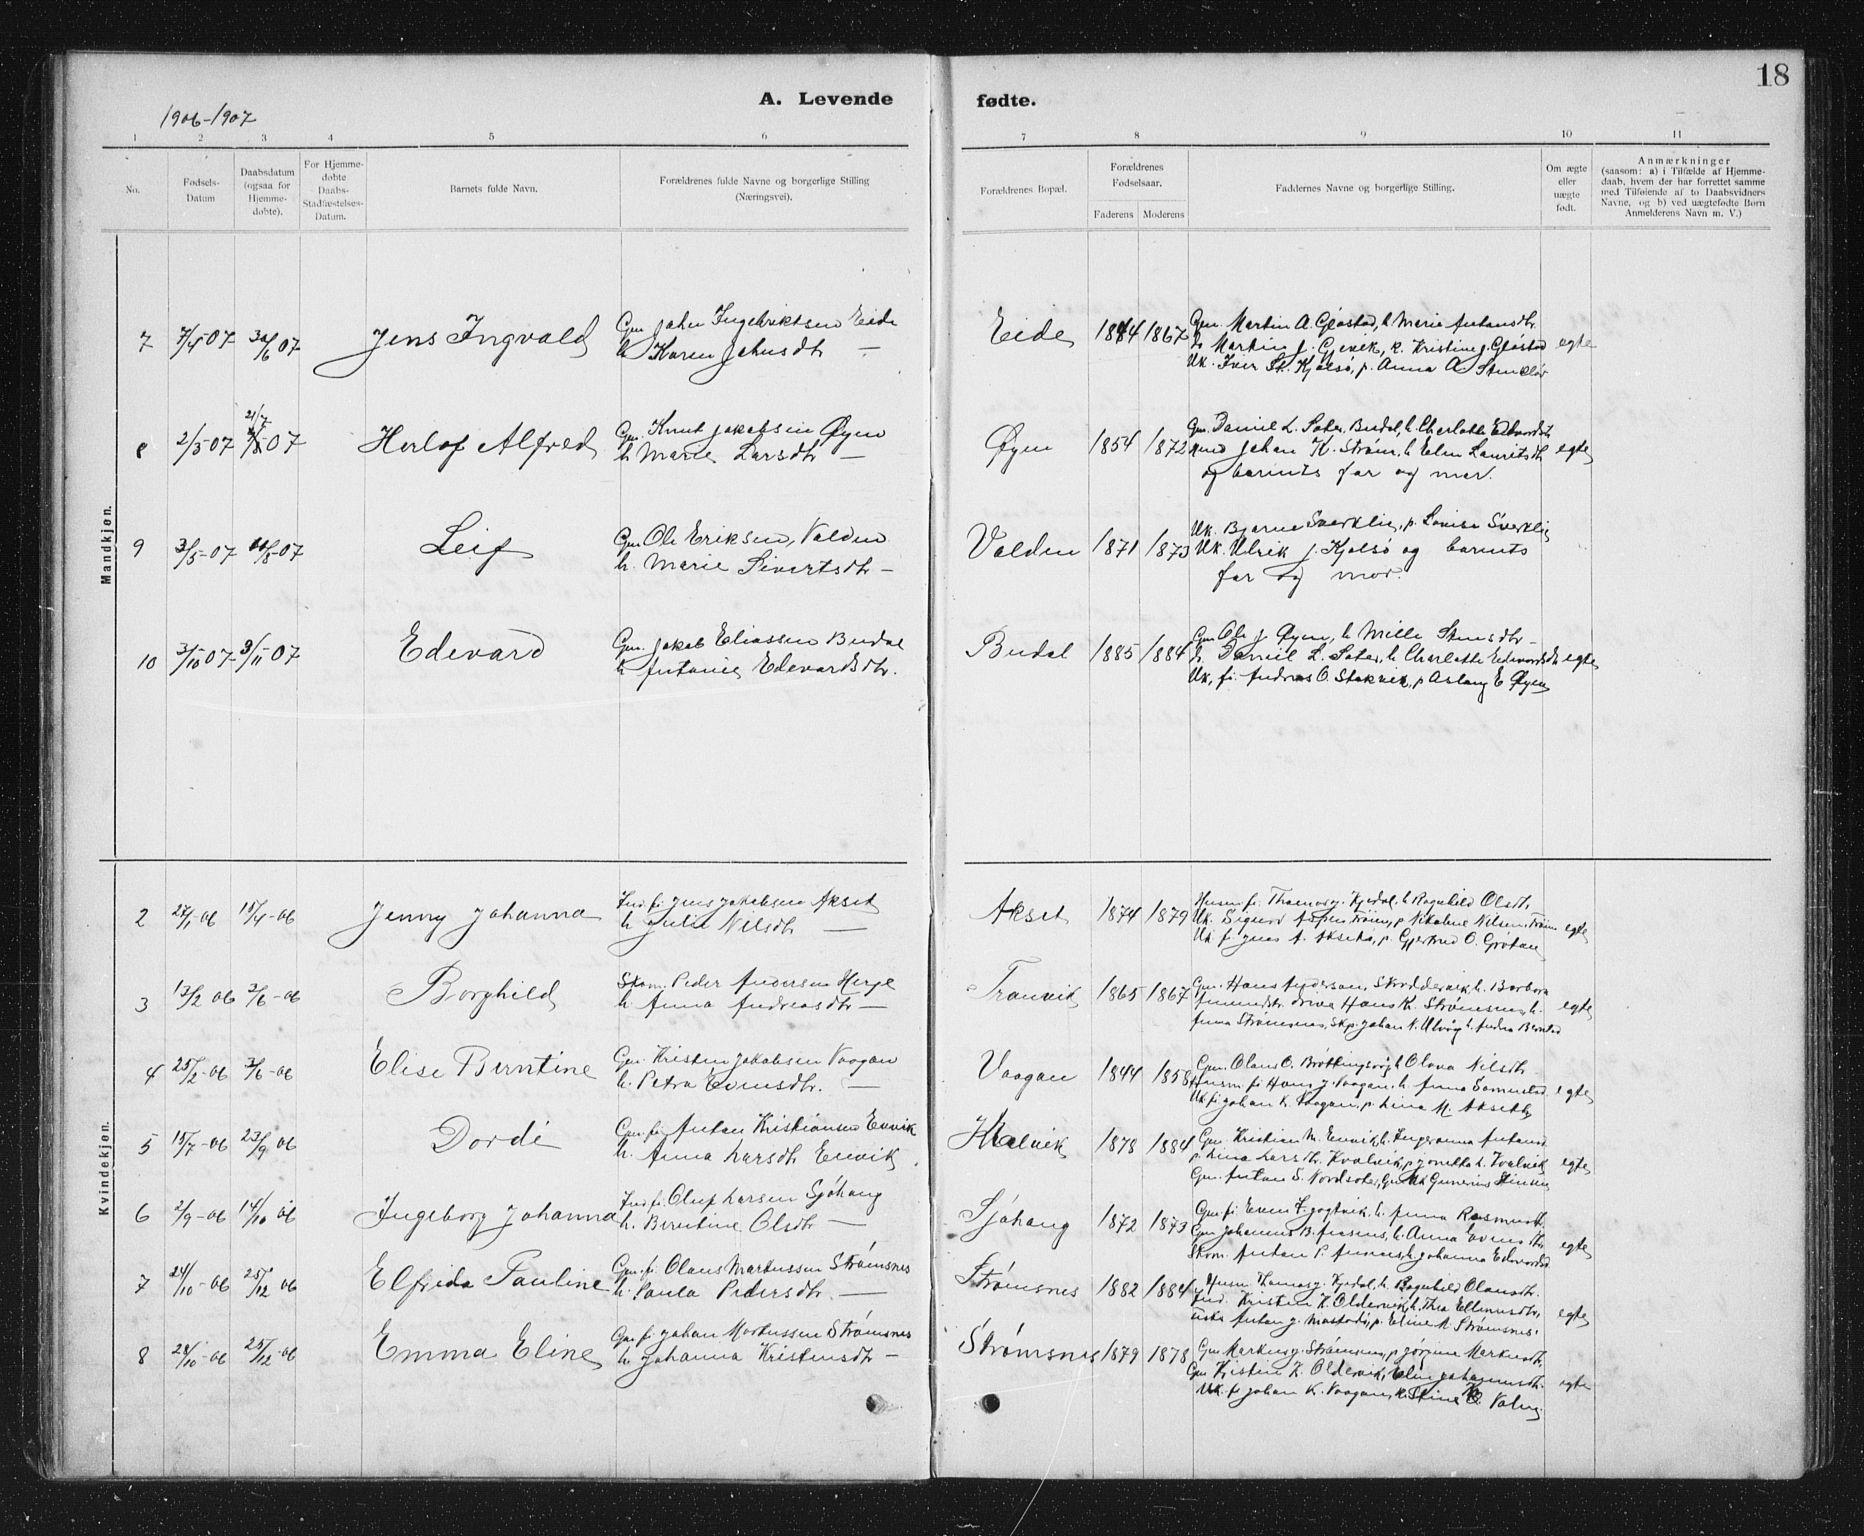 SAT, Ministerialprotokoller, klokkerbøker og fødselsregistre - Sør-Trøndelag, 637/L0563: Klokkerbok nr. 637C04, 1899-1940, s. 18